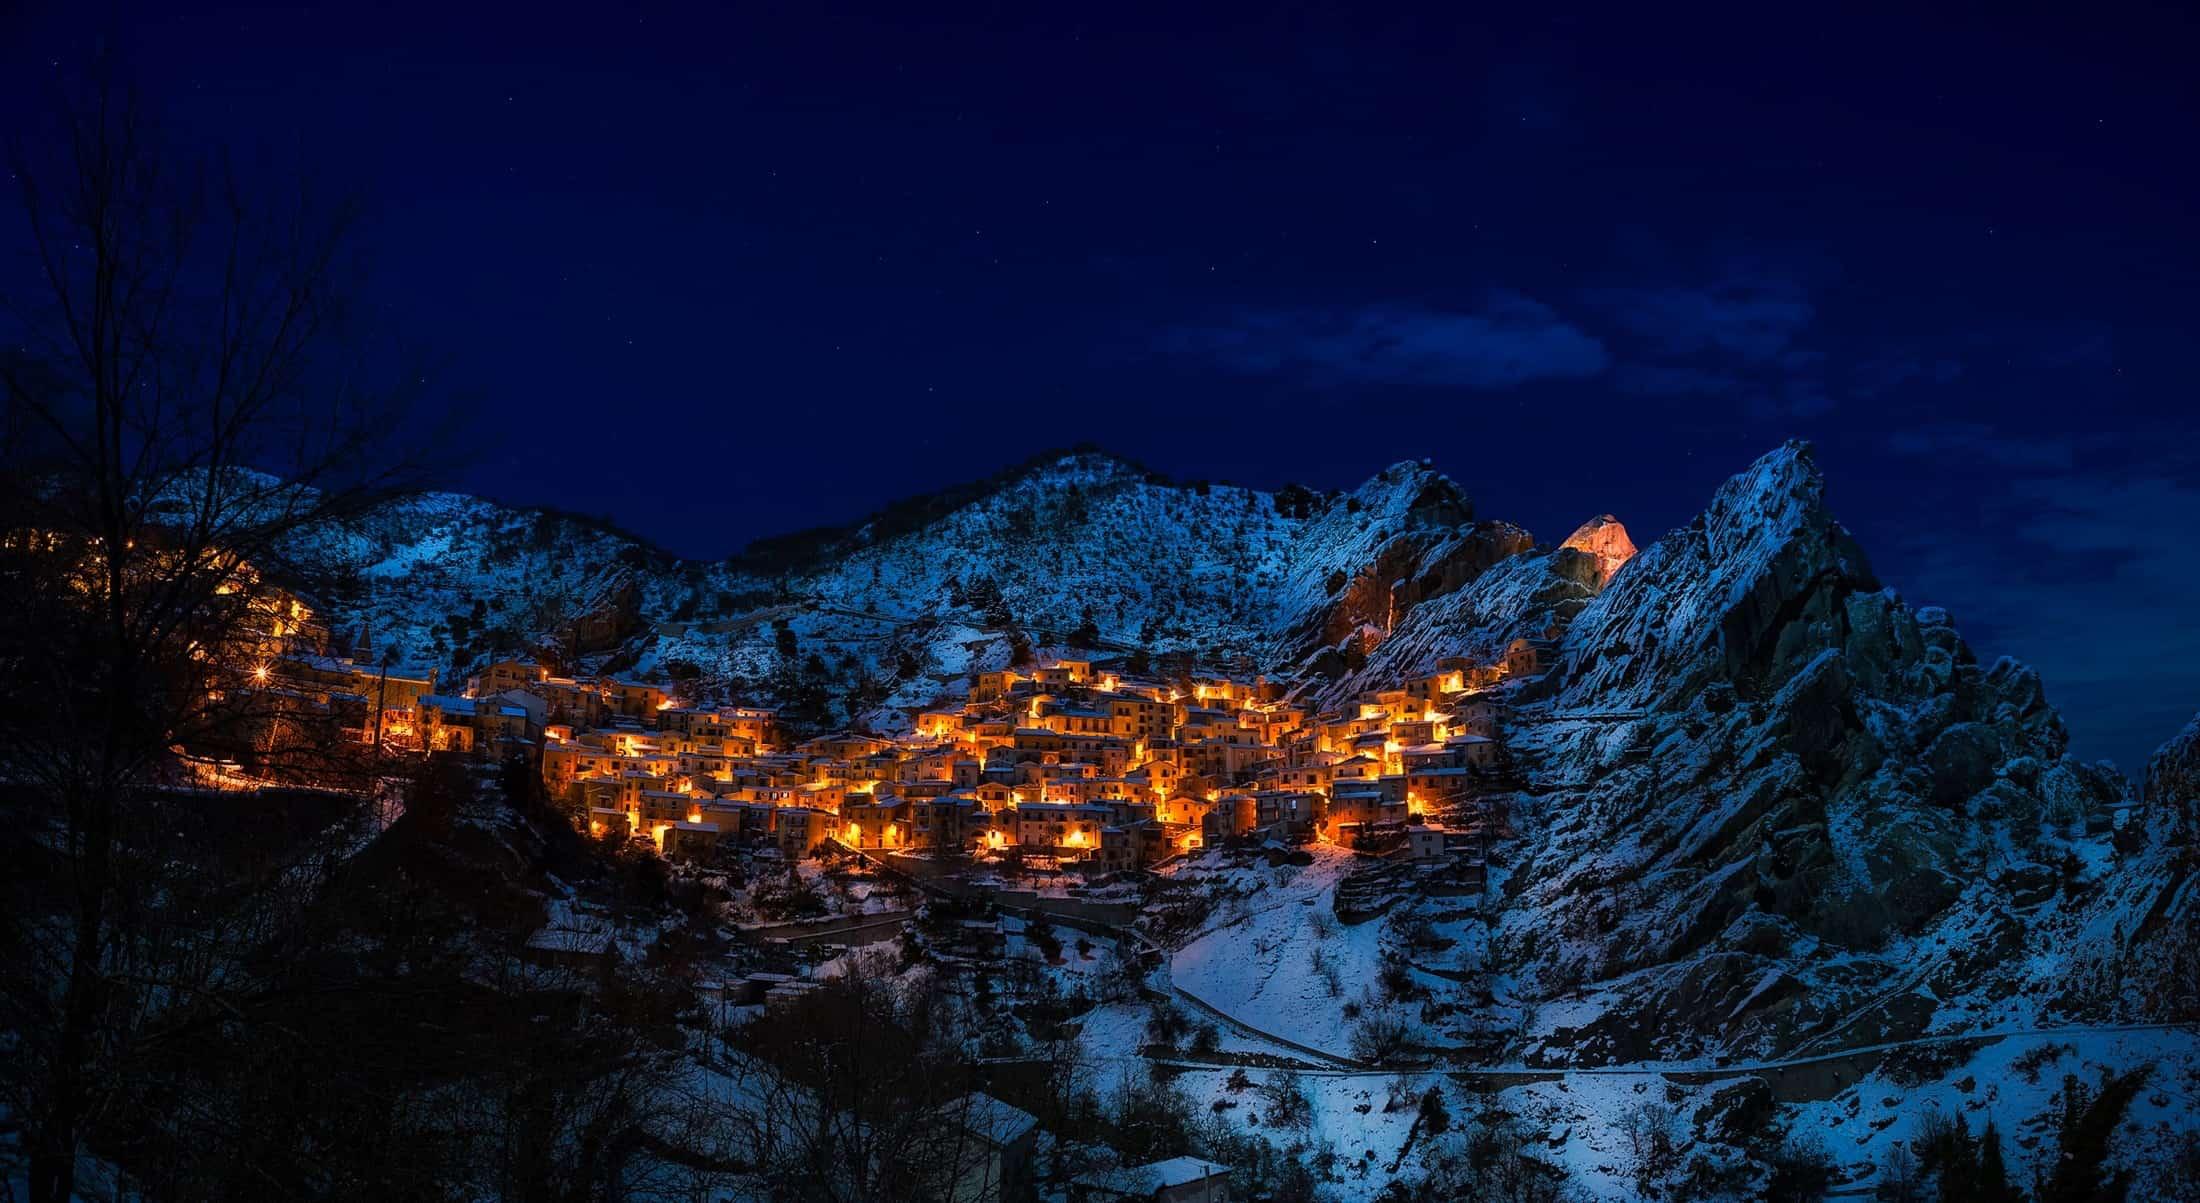 Alpine ski resort in the snow